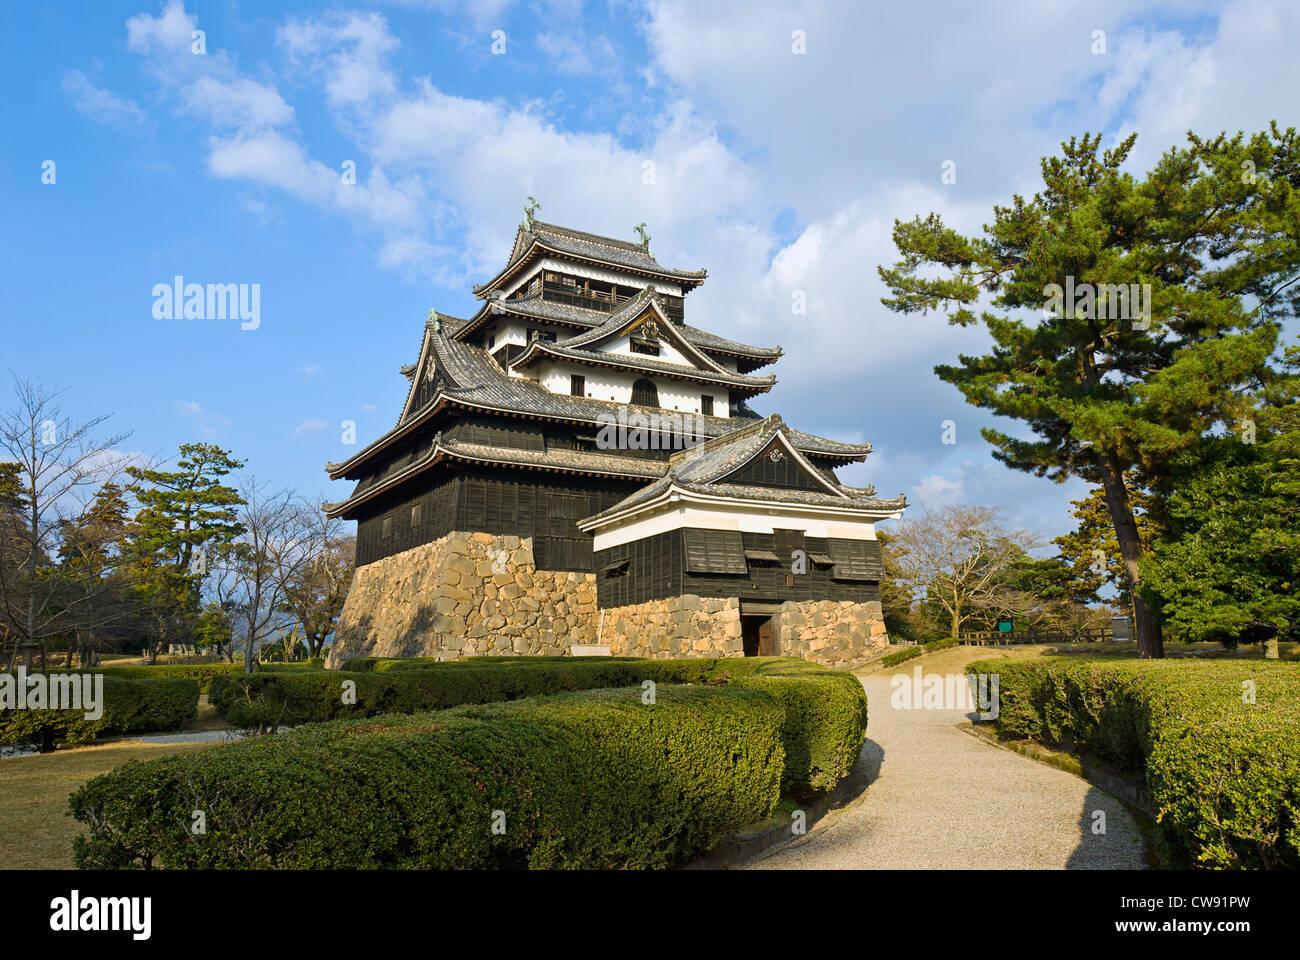 Matsue Castello, prefettura di Shimane, Giappone. Il castello medievale di legno, c. 1622. Foto Stock